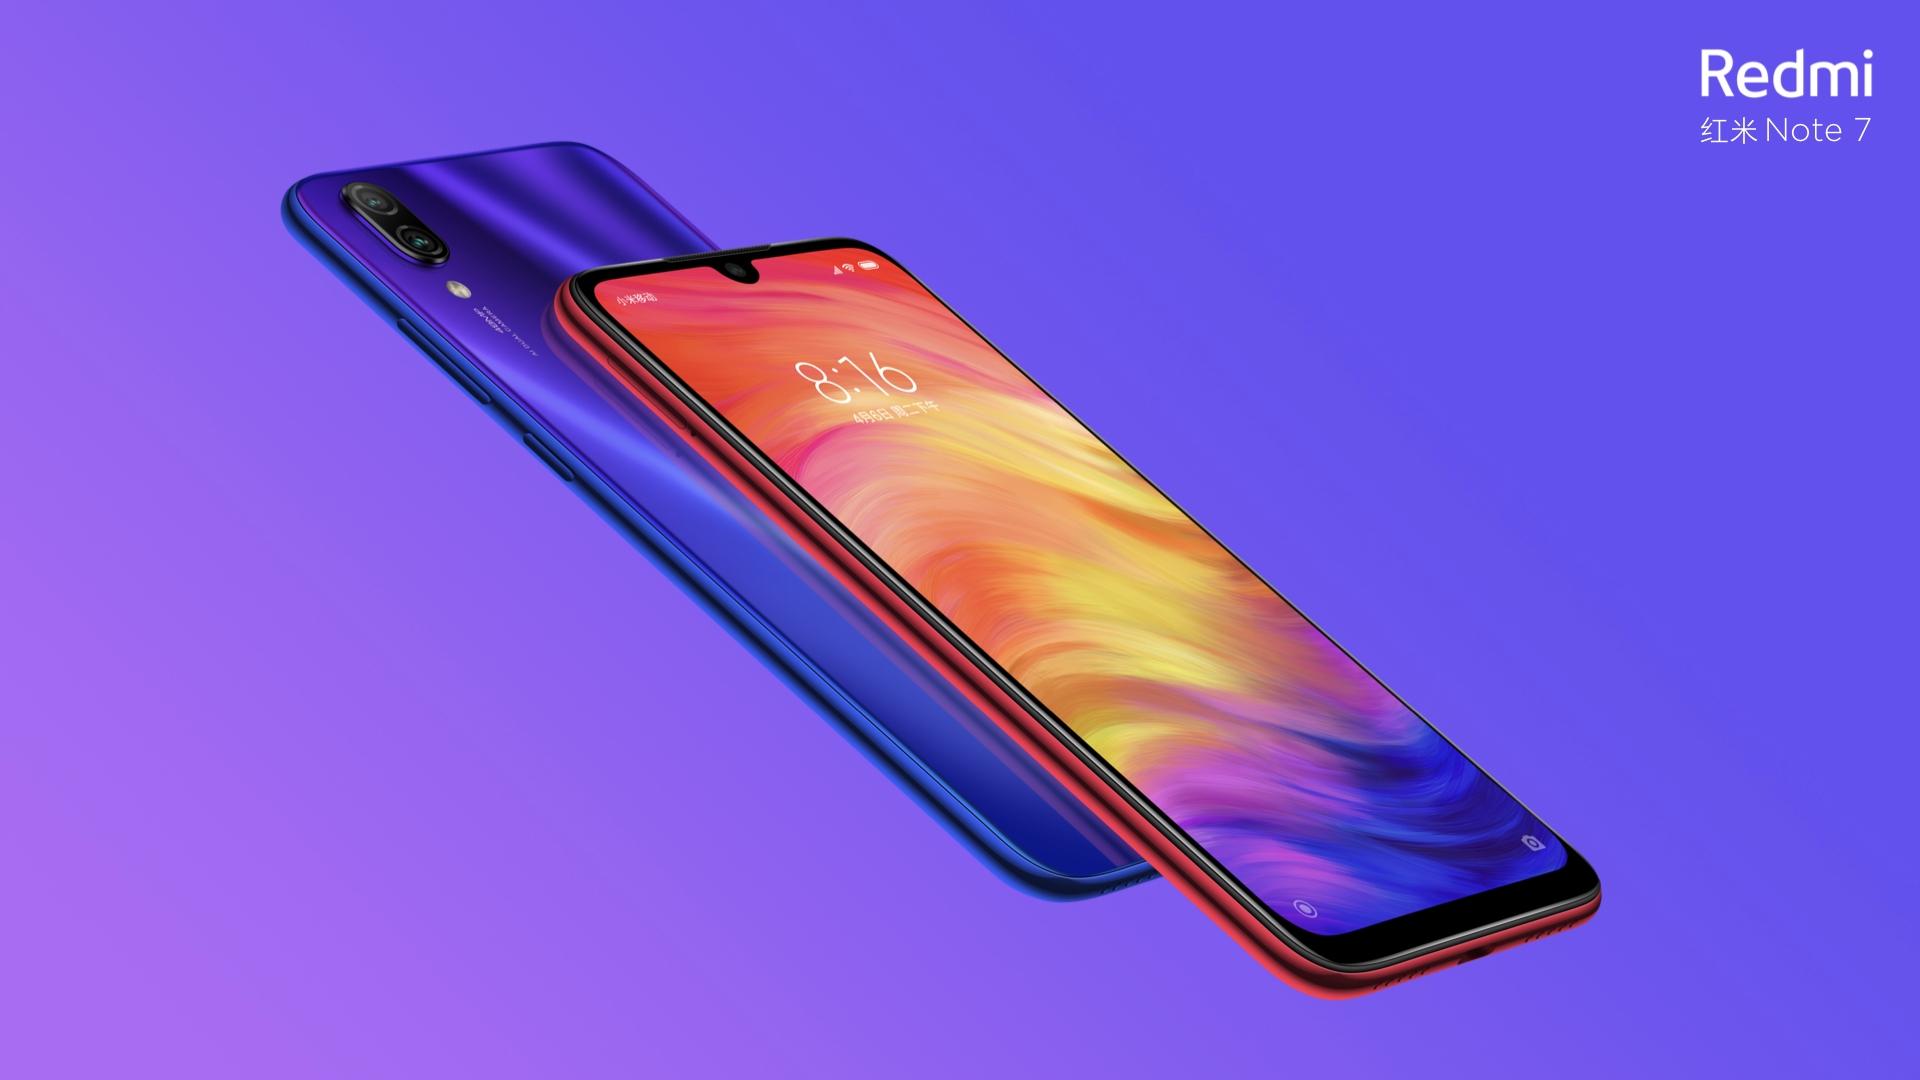 Xiaomi lance le Redmi Note 7 équipé de 48 mégapixels